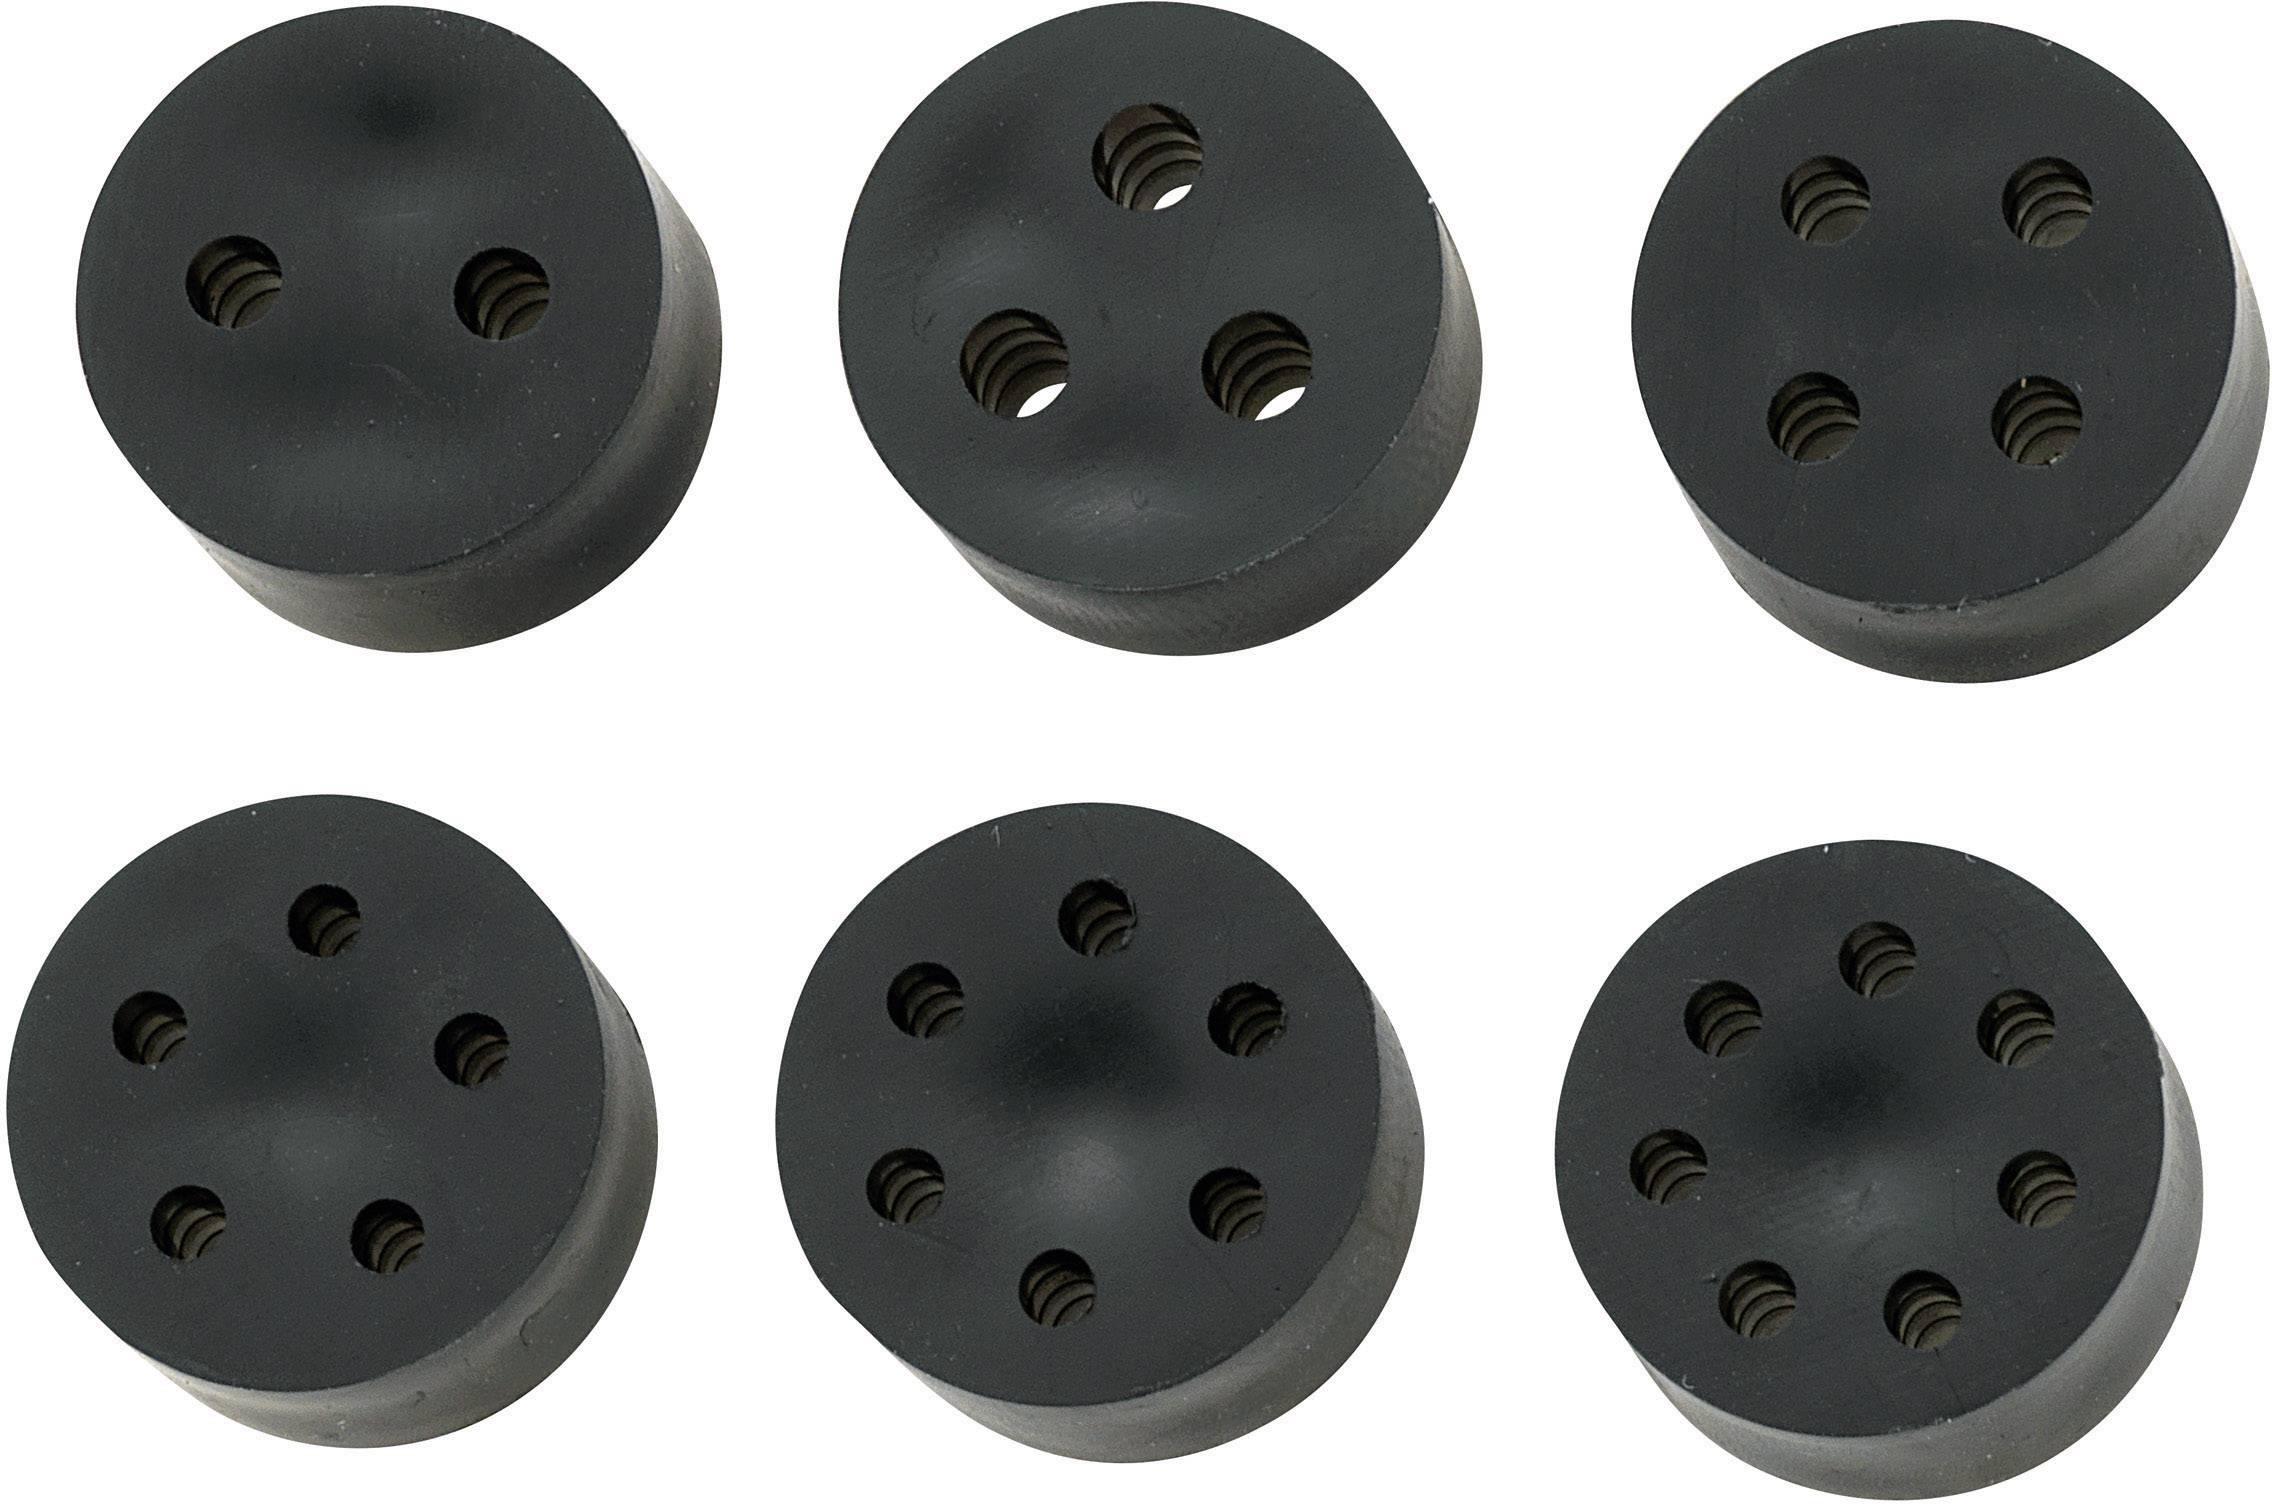 Tesniaca vložka s viacerými priechodmi KSS MH23-2A, PG21, guma, 1 ks